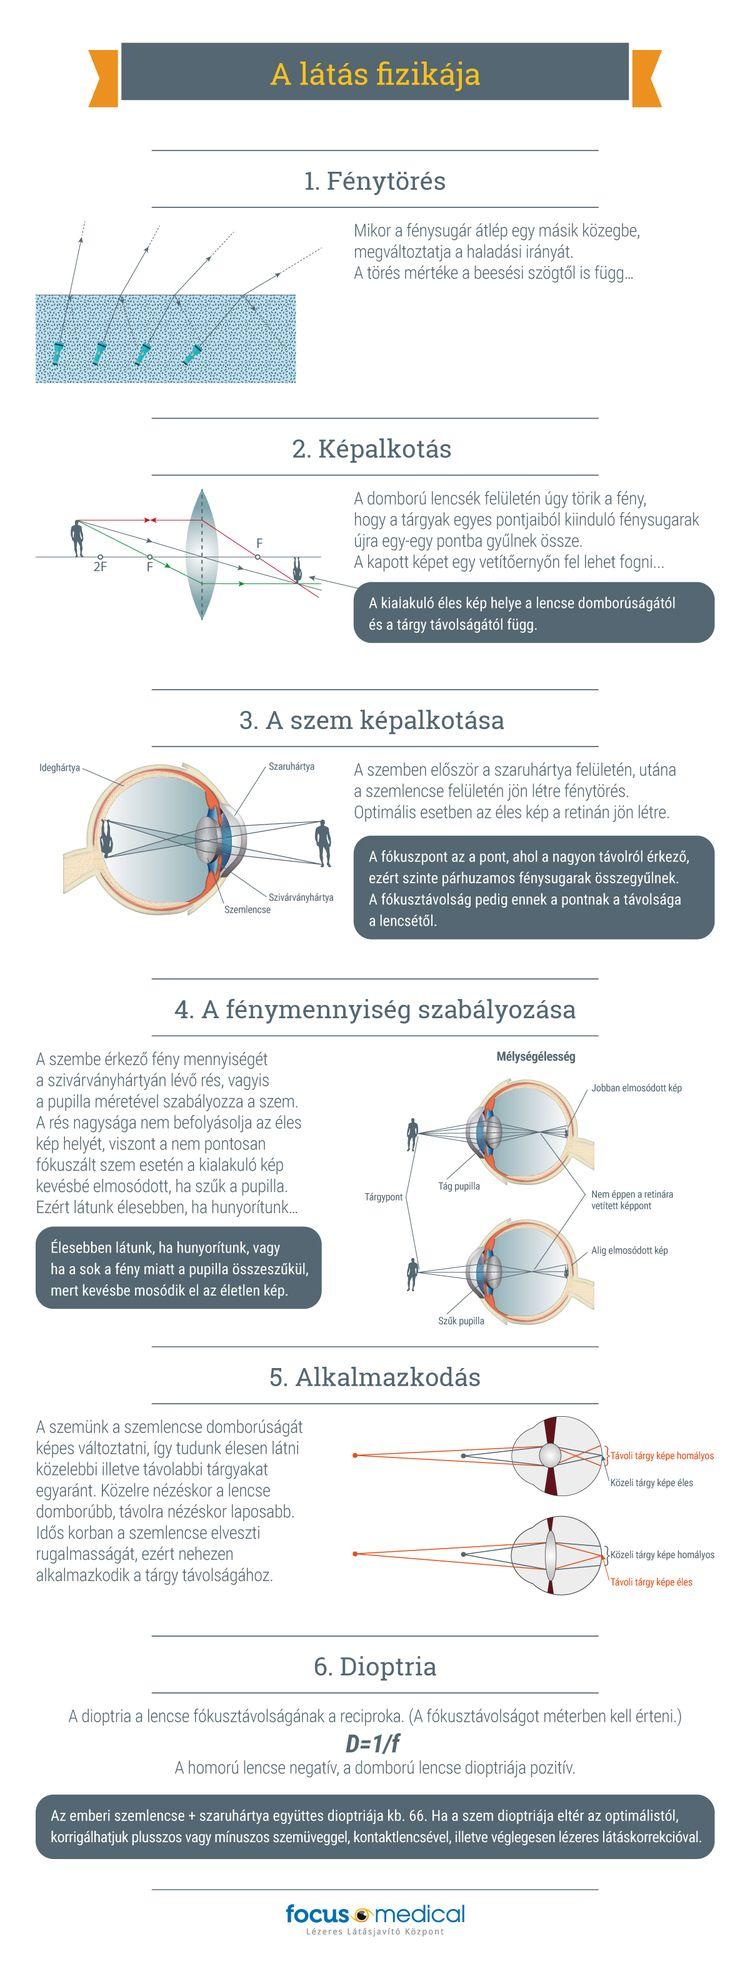 látás mínusz 3 5 mi mi a látás 6 dioptriánál?